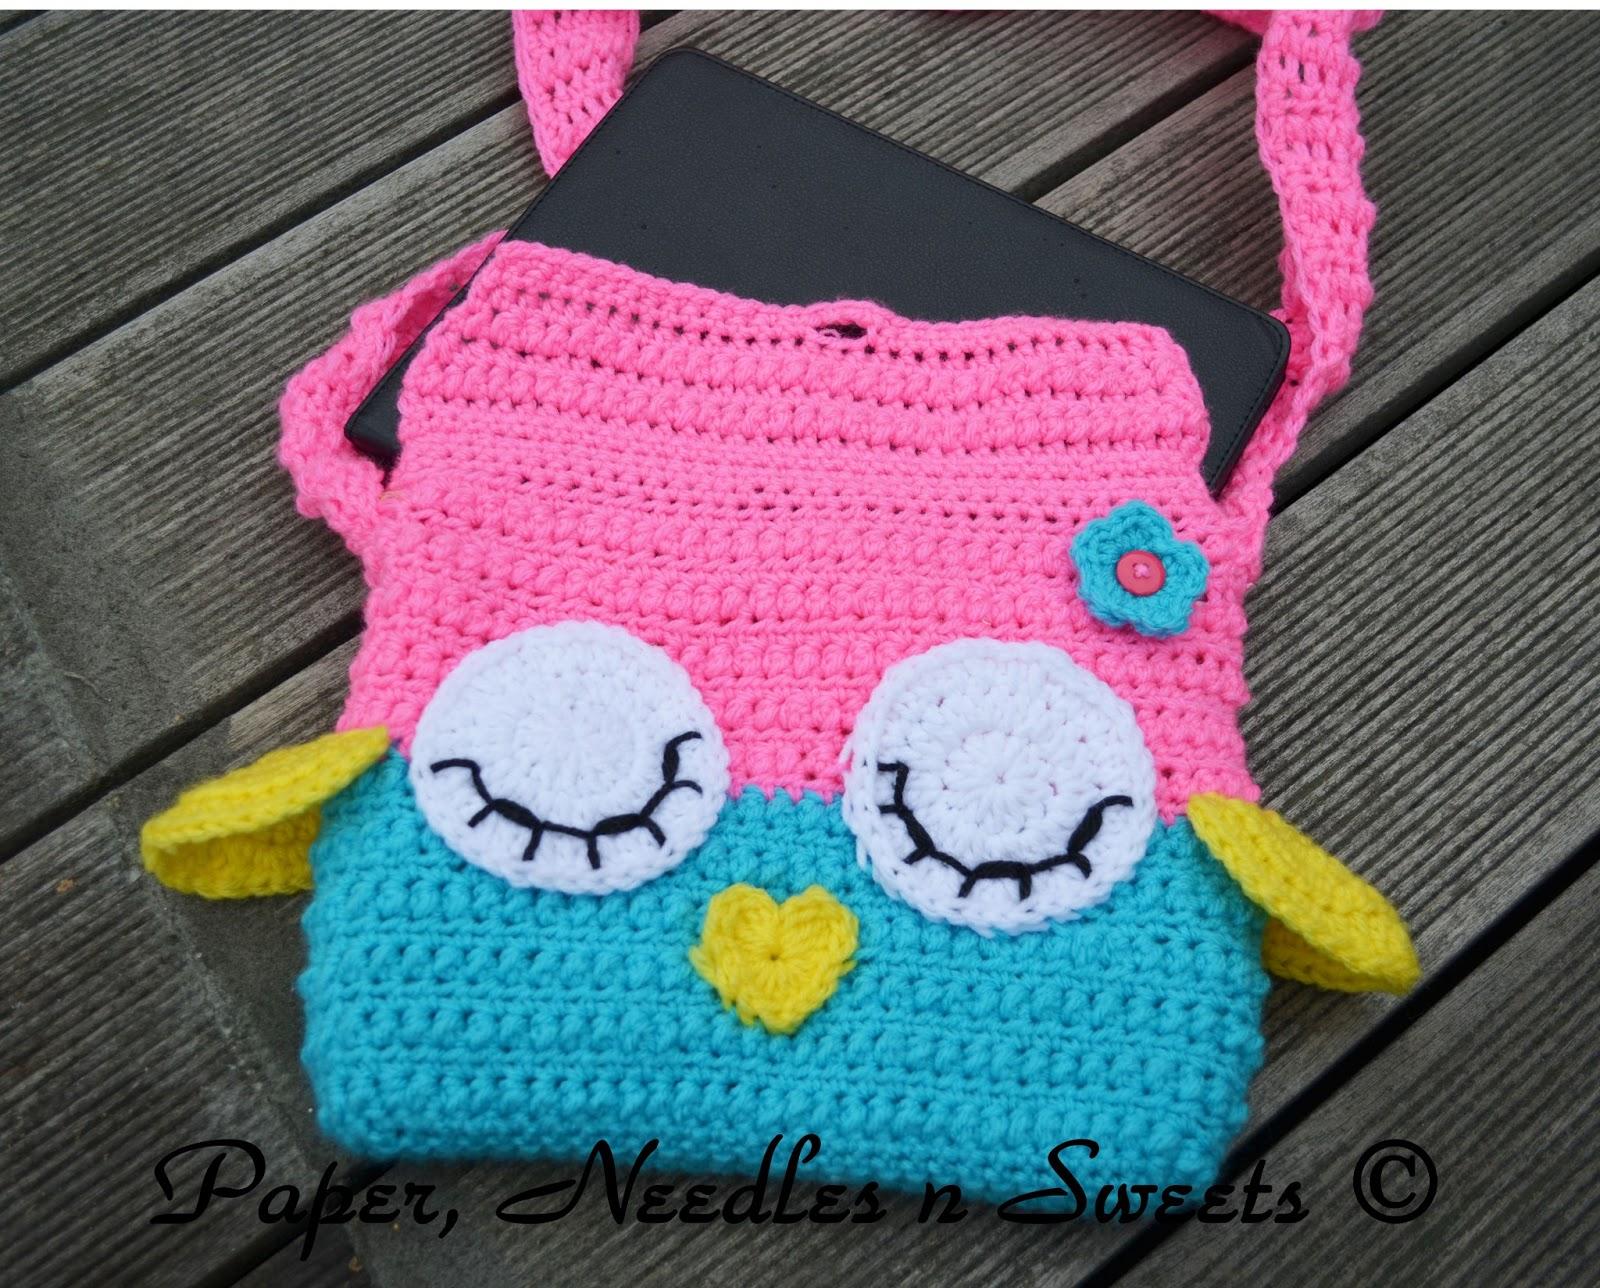 Free Crochet Pattern Owl Tote Bag : Paper, Needles n Sweets : Sleepy Owl Ipad Crochet Bag